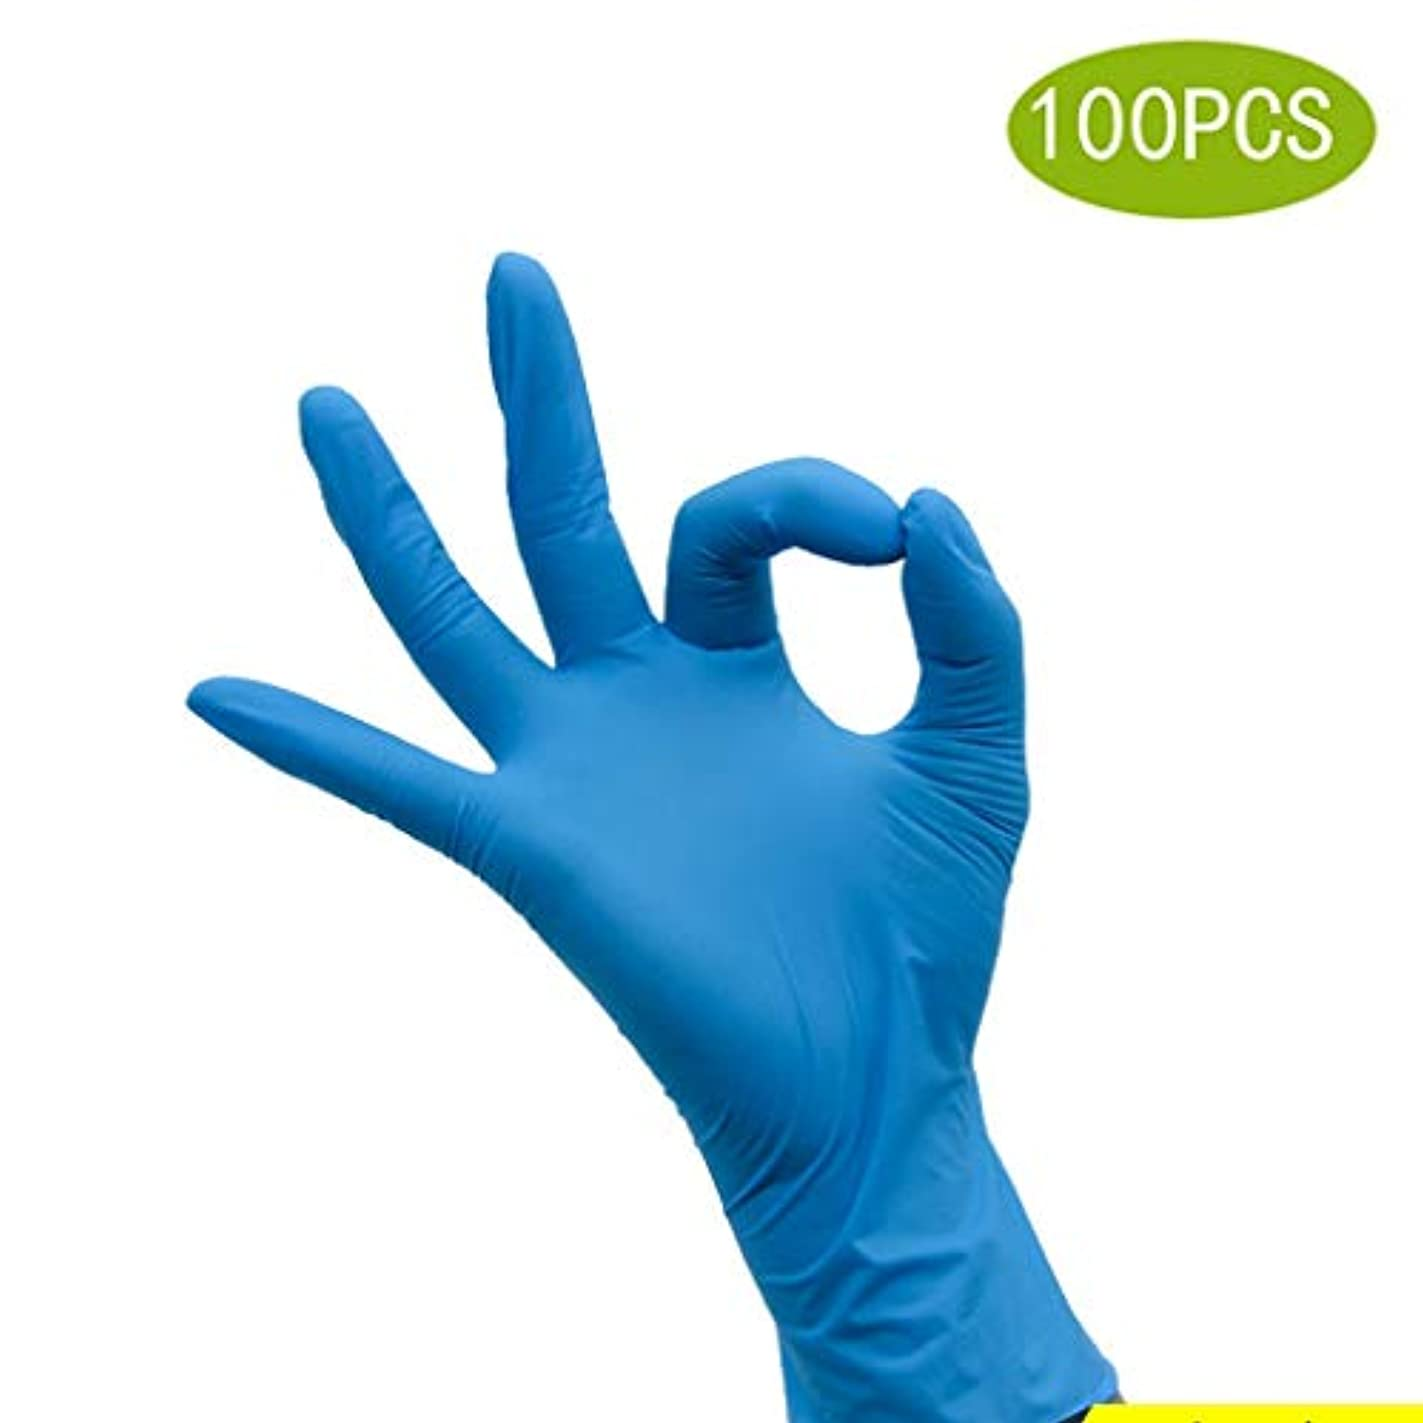 シミュレートする素人持つ使い捨て手袋食品ケータリング手術丁清ゴムラテックススキンキッチン厚い試験ケータリング美容実験、使い捨て手袋ディスペンサー[100個] (Color : Blue, Size : L)